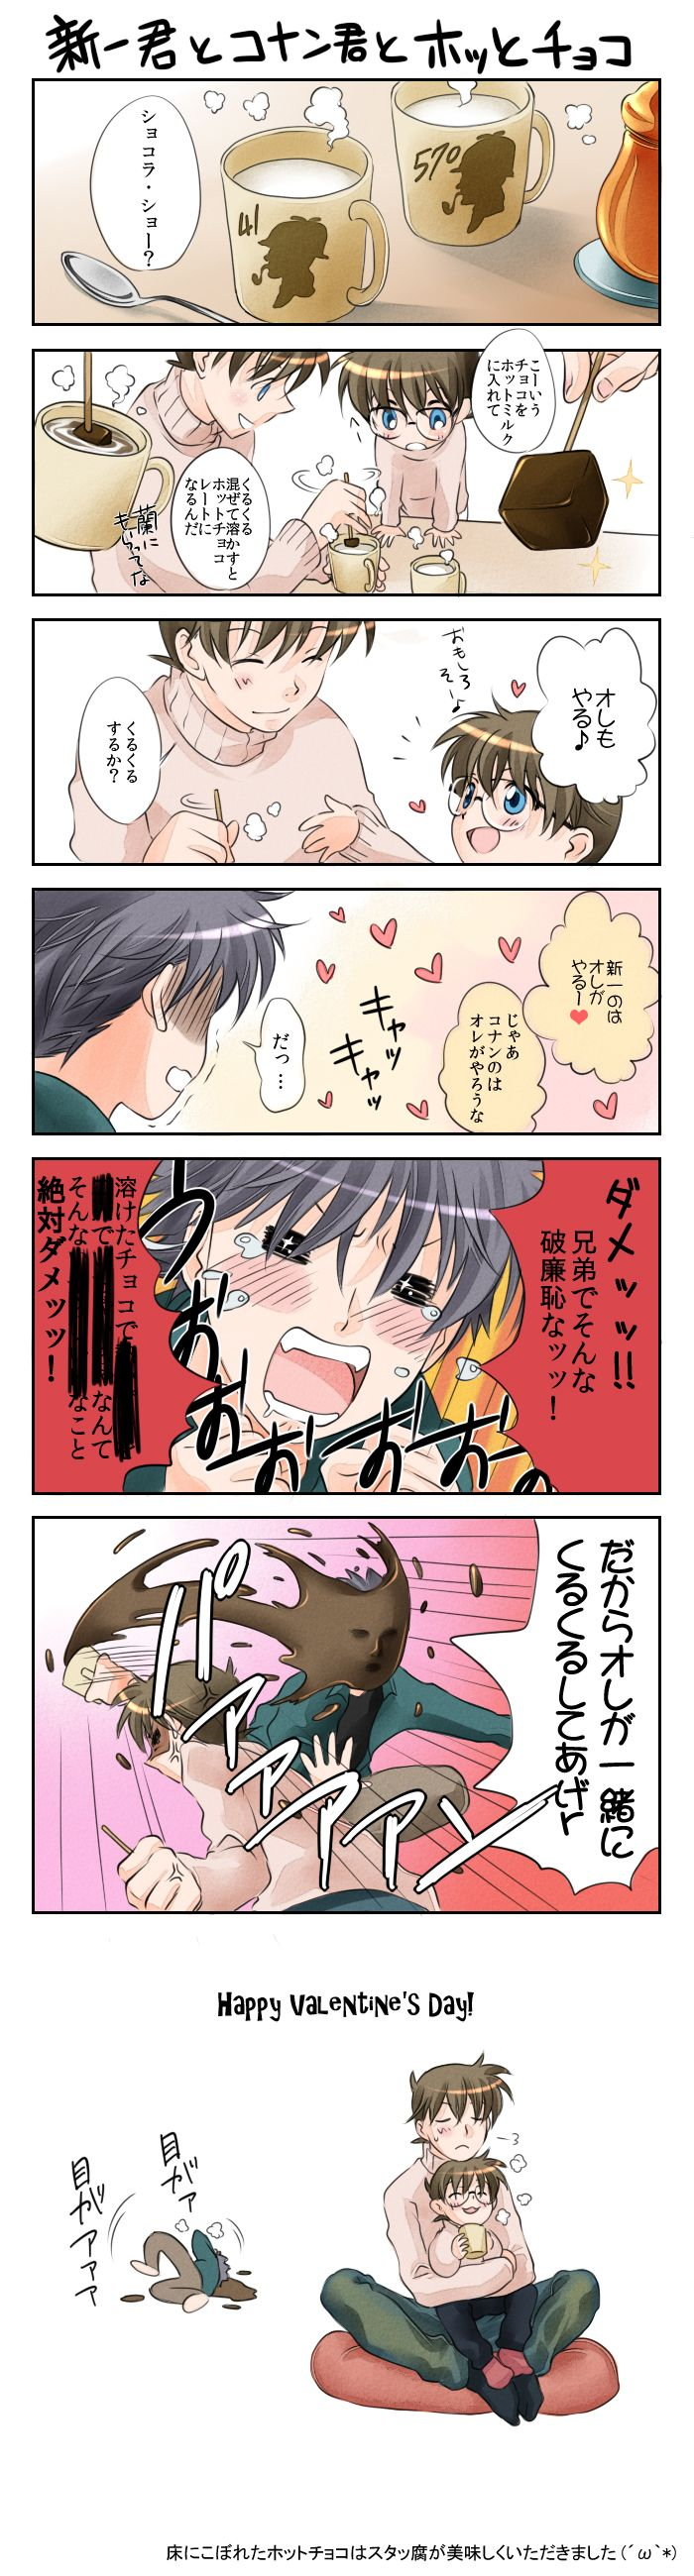 【兄弟設定】ホッとチョコレート【微腐】